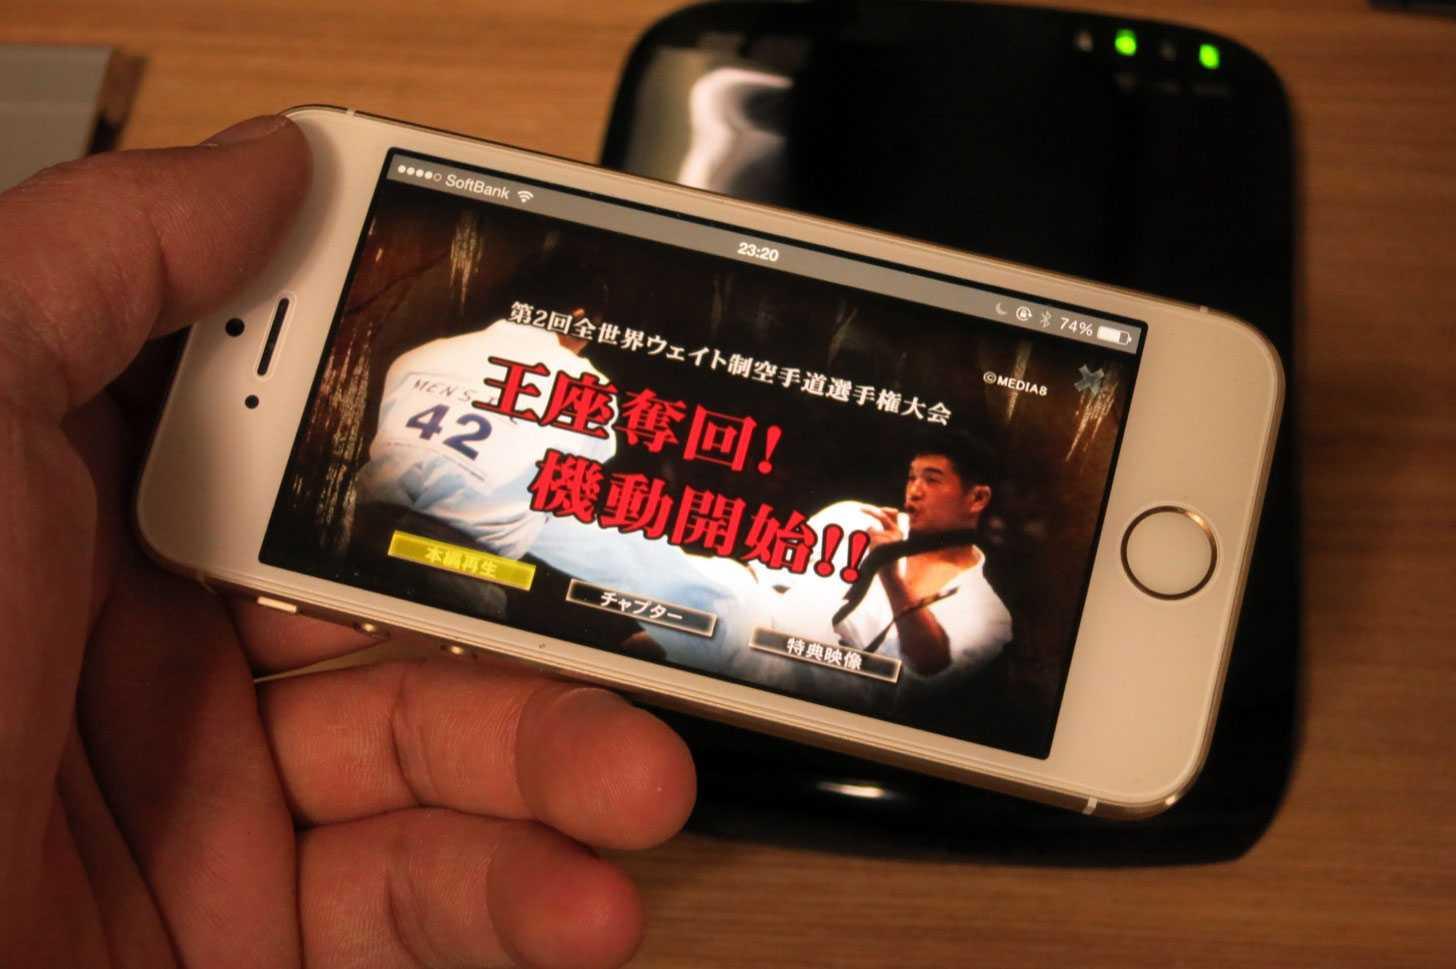 Logitec WiFi対応 ポータブルDVDドライブを使って無線経由でiPhoneでDVDを見ている様子